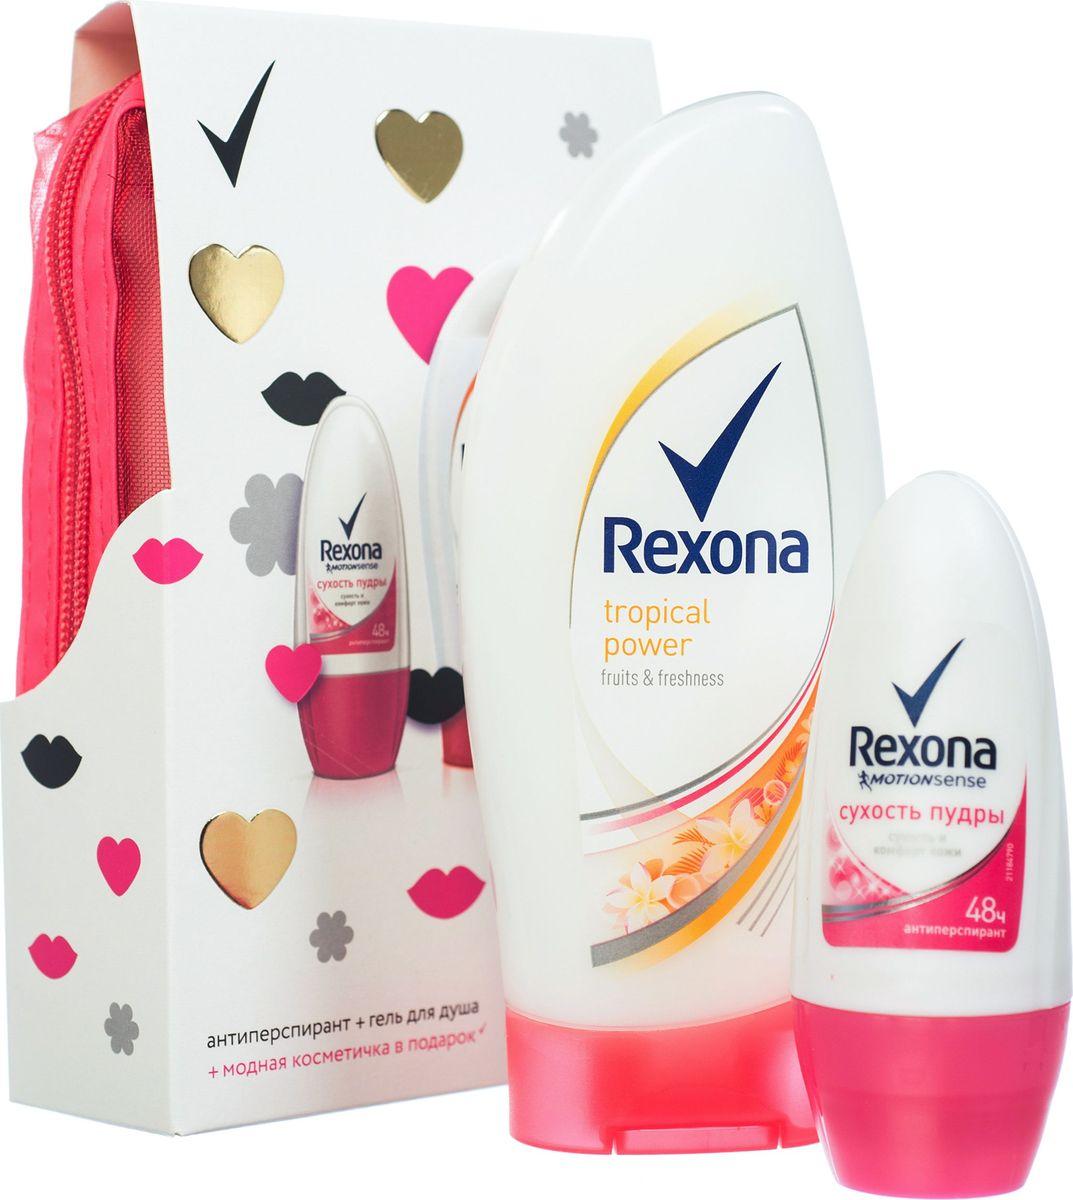 Rexona подарочный набор Be sexy67086725Продукция Rexona уже на протяжении более ста лет предоставляет своим покупателям эффективную защиту от пота и запаха. Мы демонстрирует непрерывное развитие и усовершенствование своих продуктов. Мы постоянно совершенствуем наши продукты, открывая и внедряя новые технологии, чтобы сделать дезодорант №1 в России еще лучше. «Никогда не подведет!» — под таким девизом Rexona представляет линейку современных средств от пота для женщин и мужчин. А история этой марки начинается в 1904 году с самого обычного туалетного мыла, в который были добавлены новые ингредиенты для большего аромата. И тогда, и сейчас Рексона заботится о том, чтобы неприятный запах пота не портил человеку настроение и ощущения в течение дня. Антиперспиранты Rexona • Не маскируют, а помогают устранить главную причину неприятного запаха – бактерии. • В 10 раз лучше защита от бактерий, вызывающих неприятный запах. • Не раздражают и бережно относятся к естественной микрофлоре нежной кожи в зоне подмышек • Инновационная...